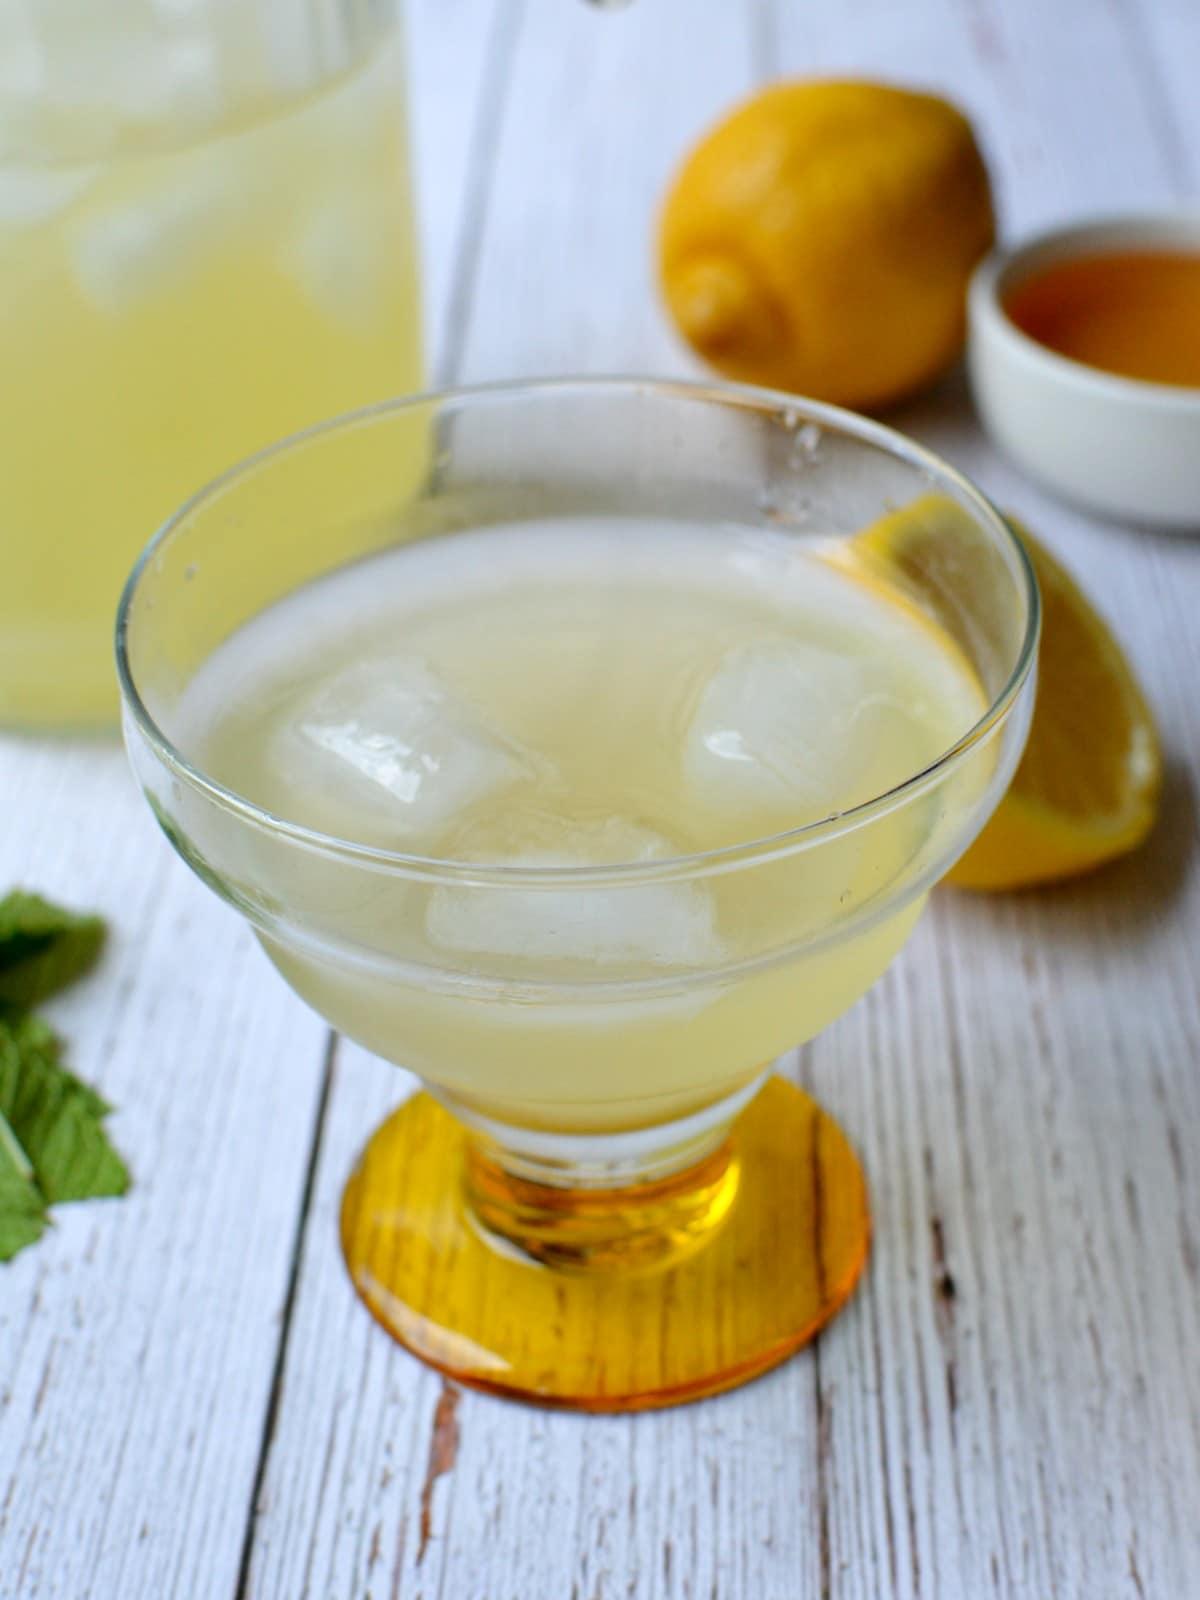 A glass of homemade lemonade